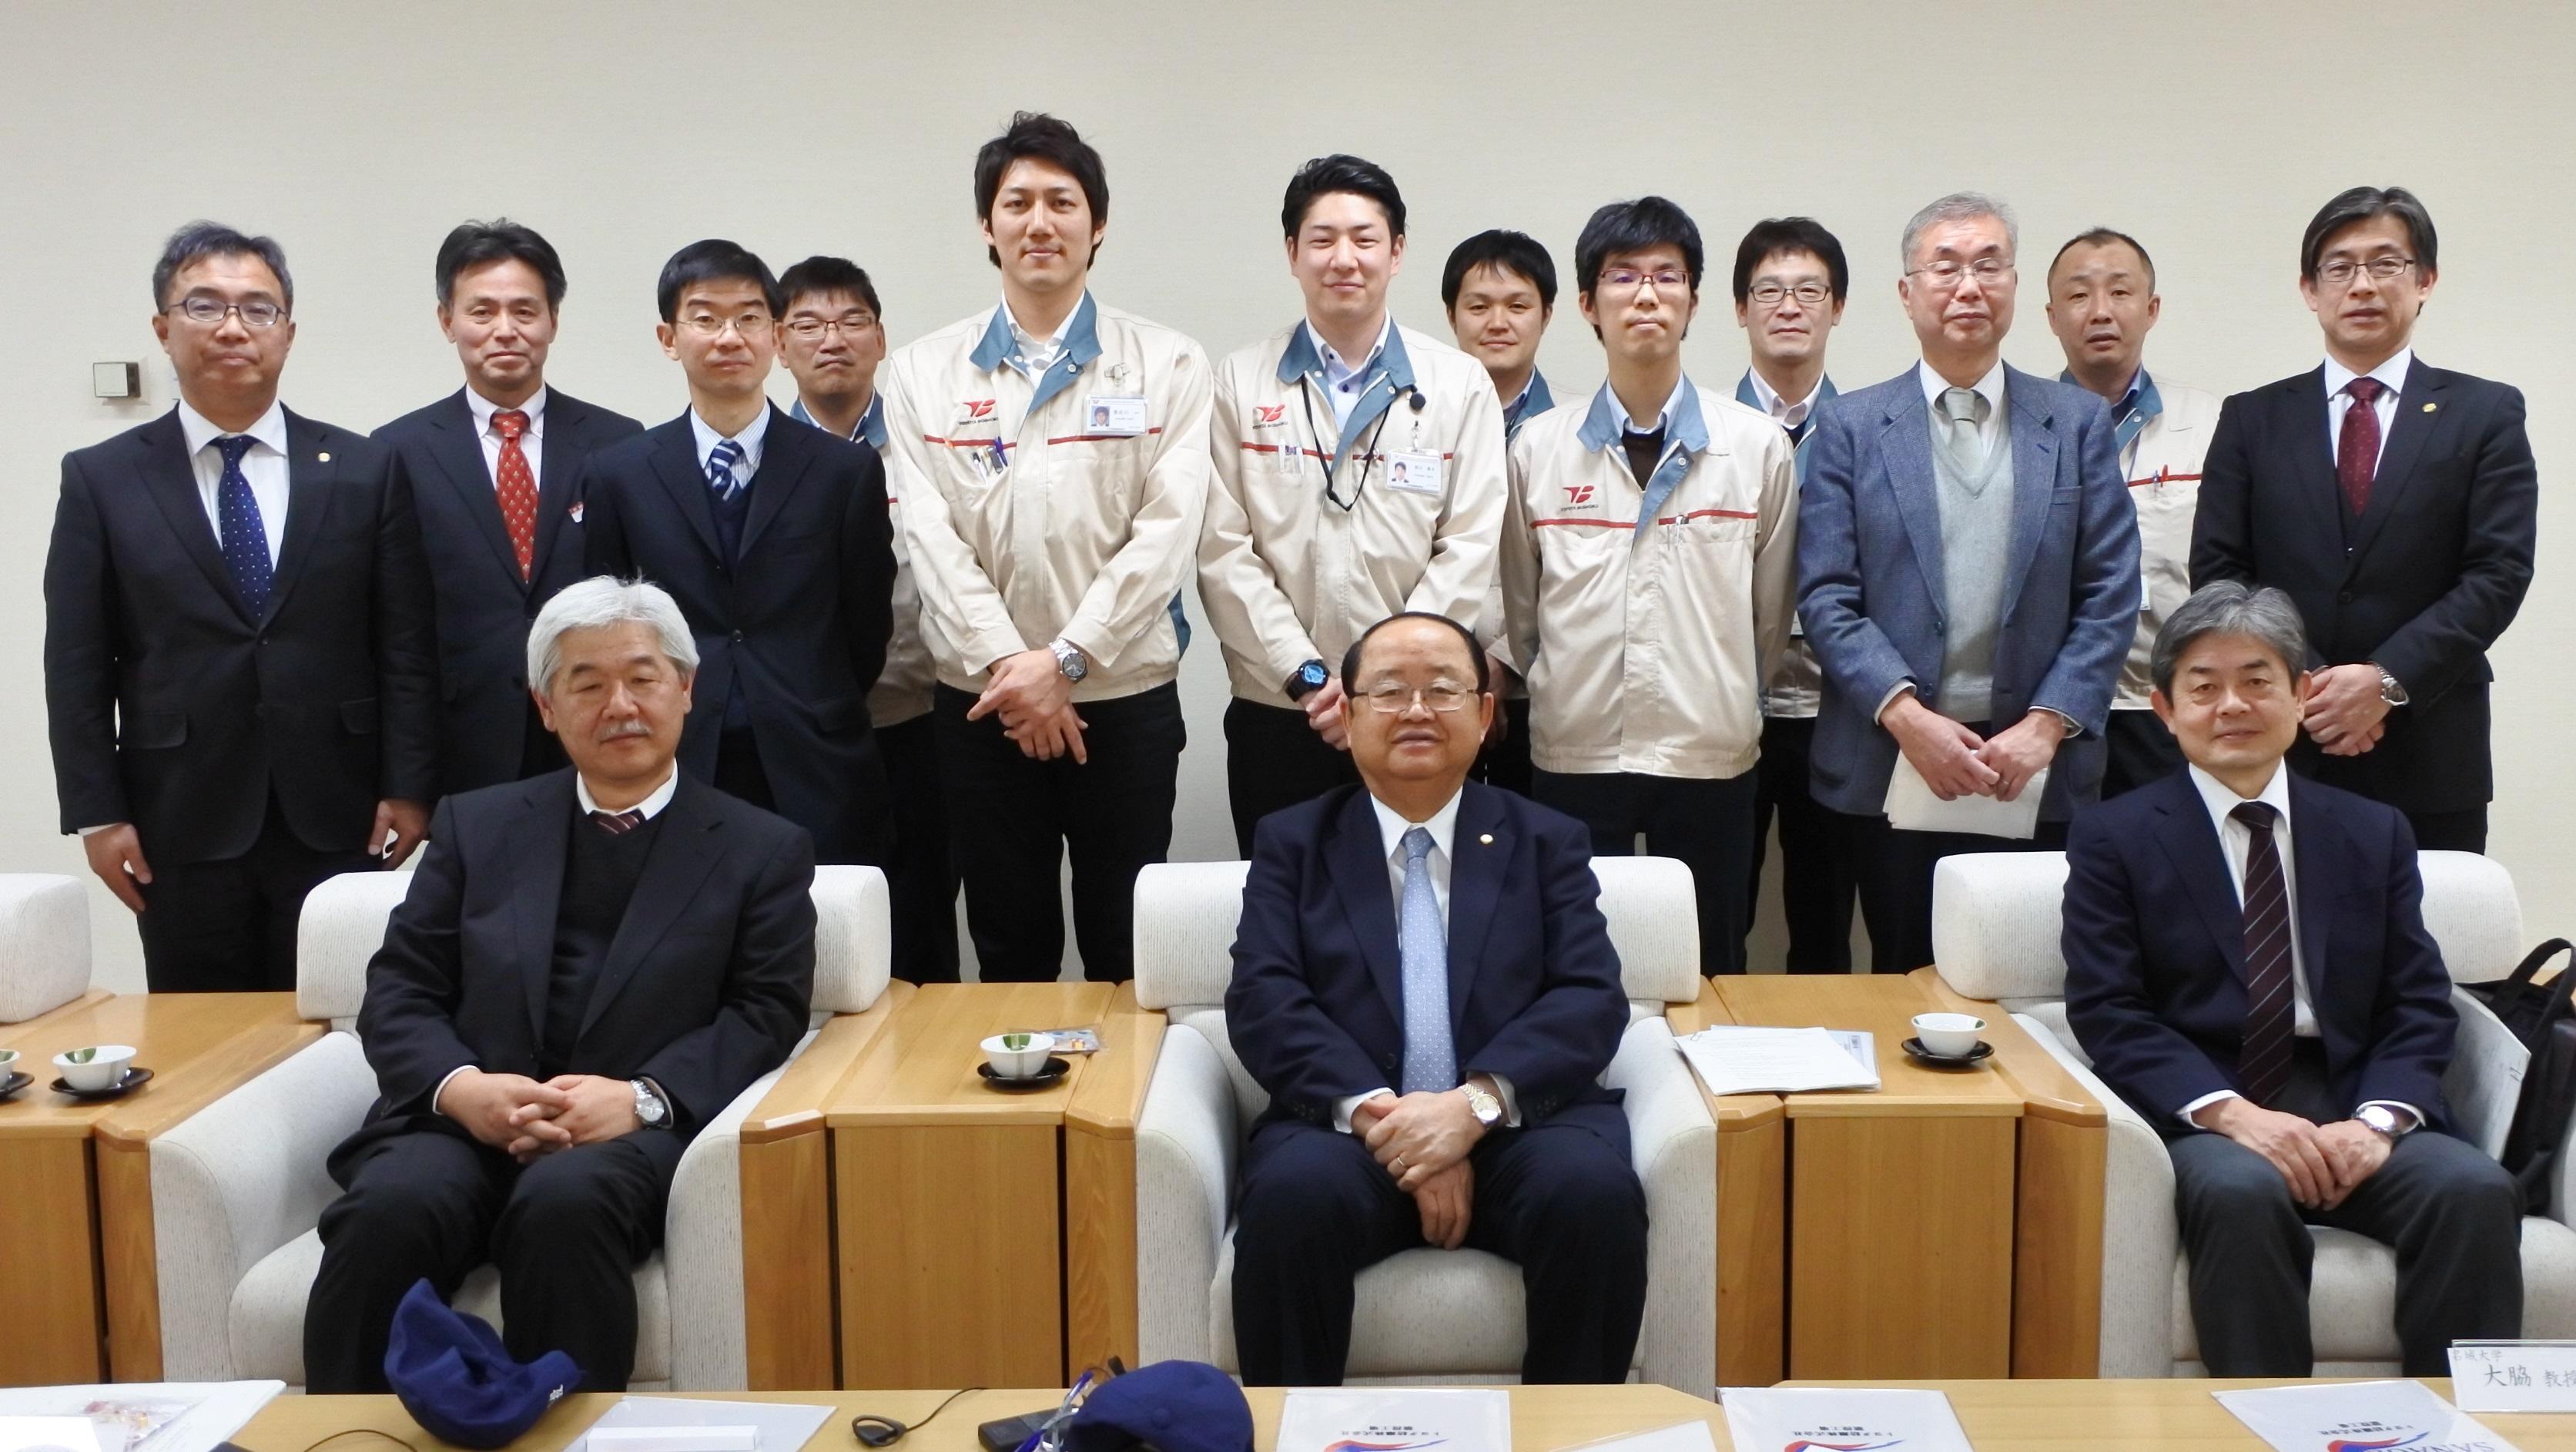 記念写真に納まる本学関係者とトヨタ紡織関係者